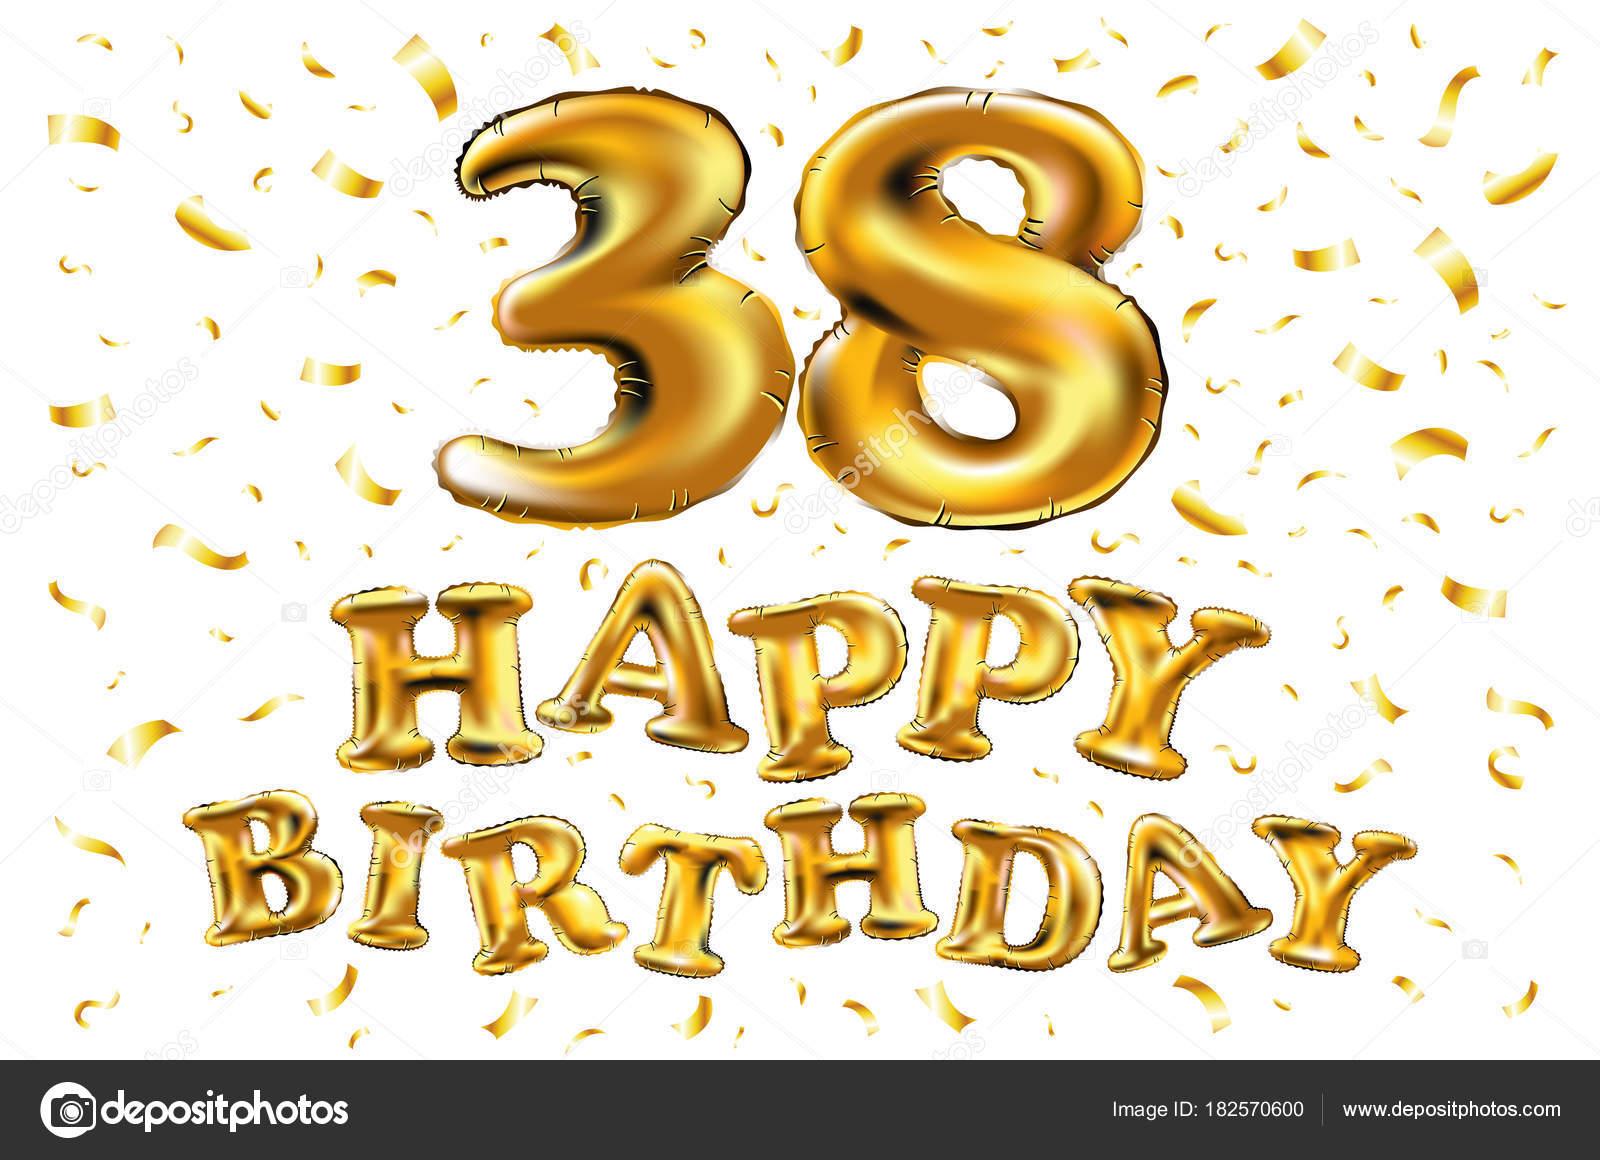 Anniversario Di Matrimonio 38 Anni.Vettore Anniversario Matrimonio 38 Anni Anniversario Di 38